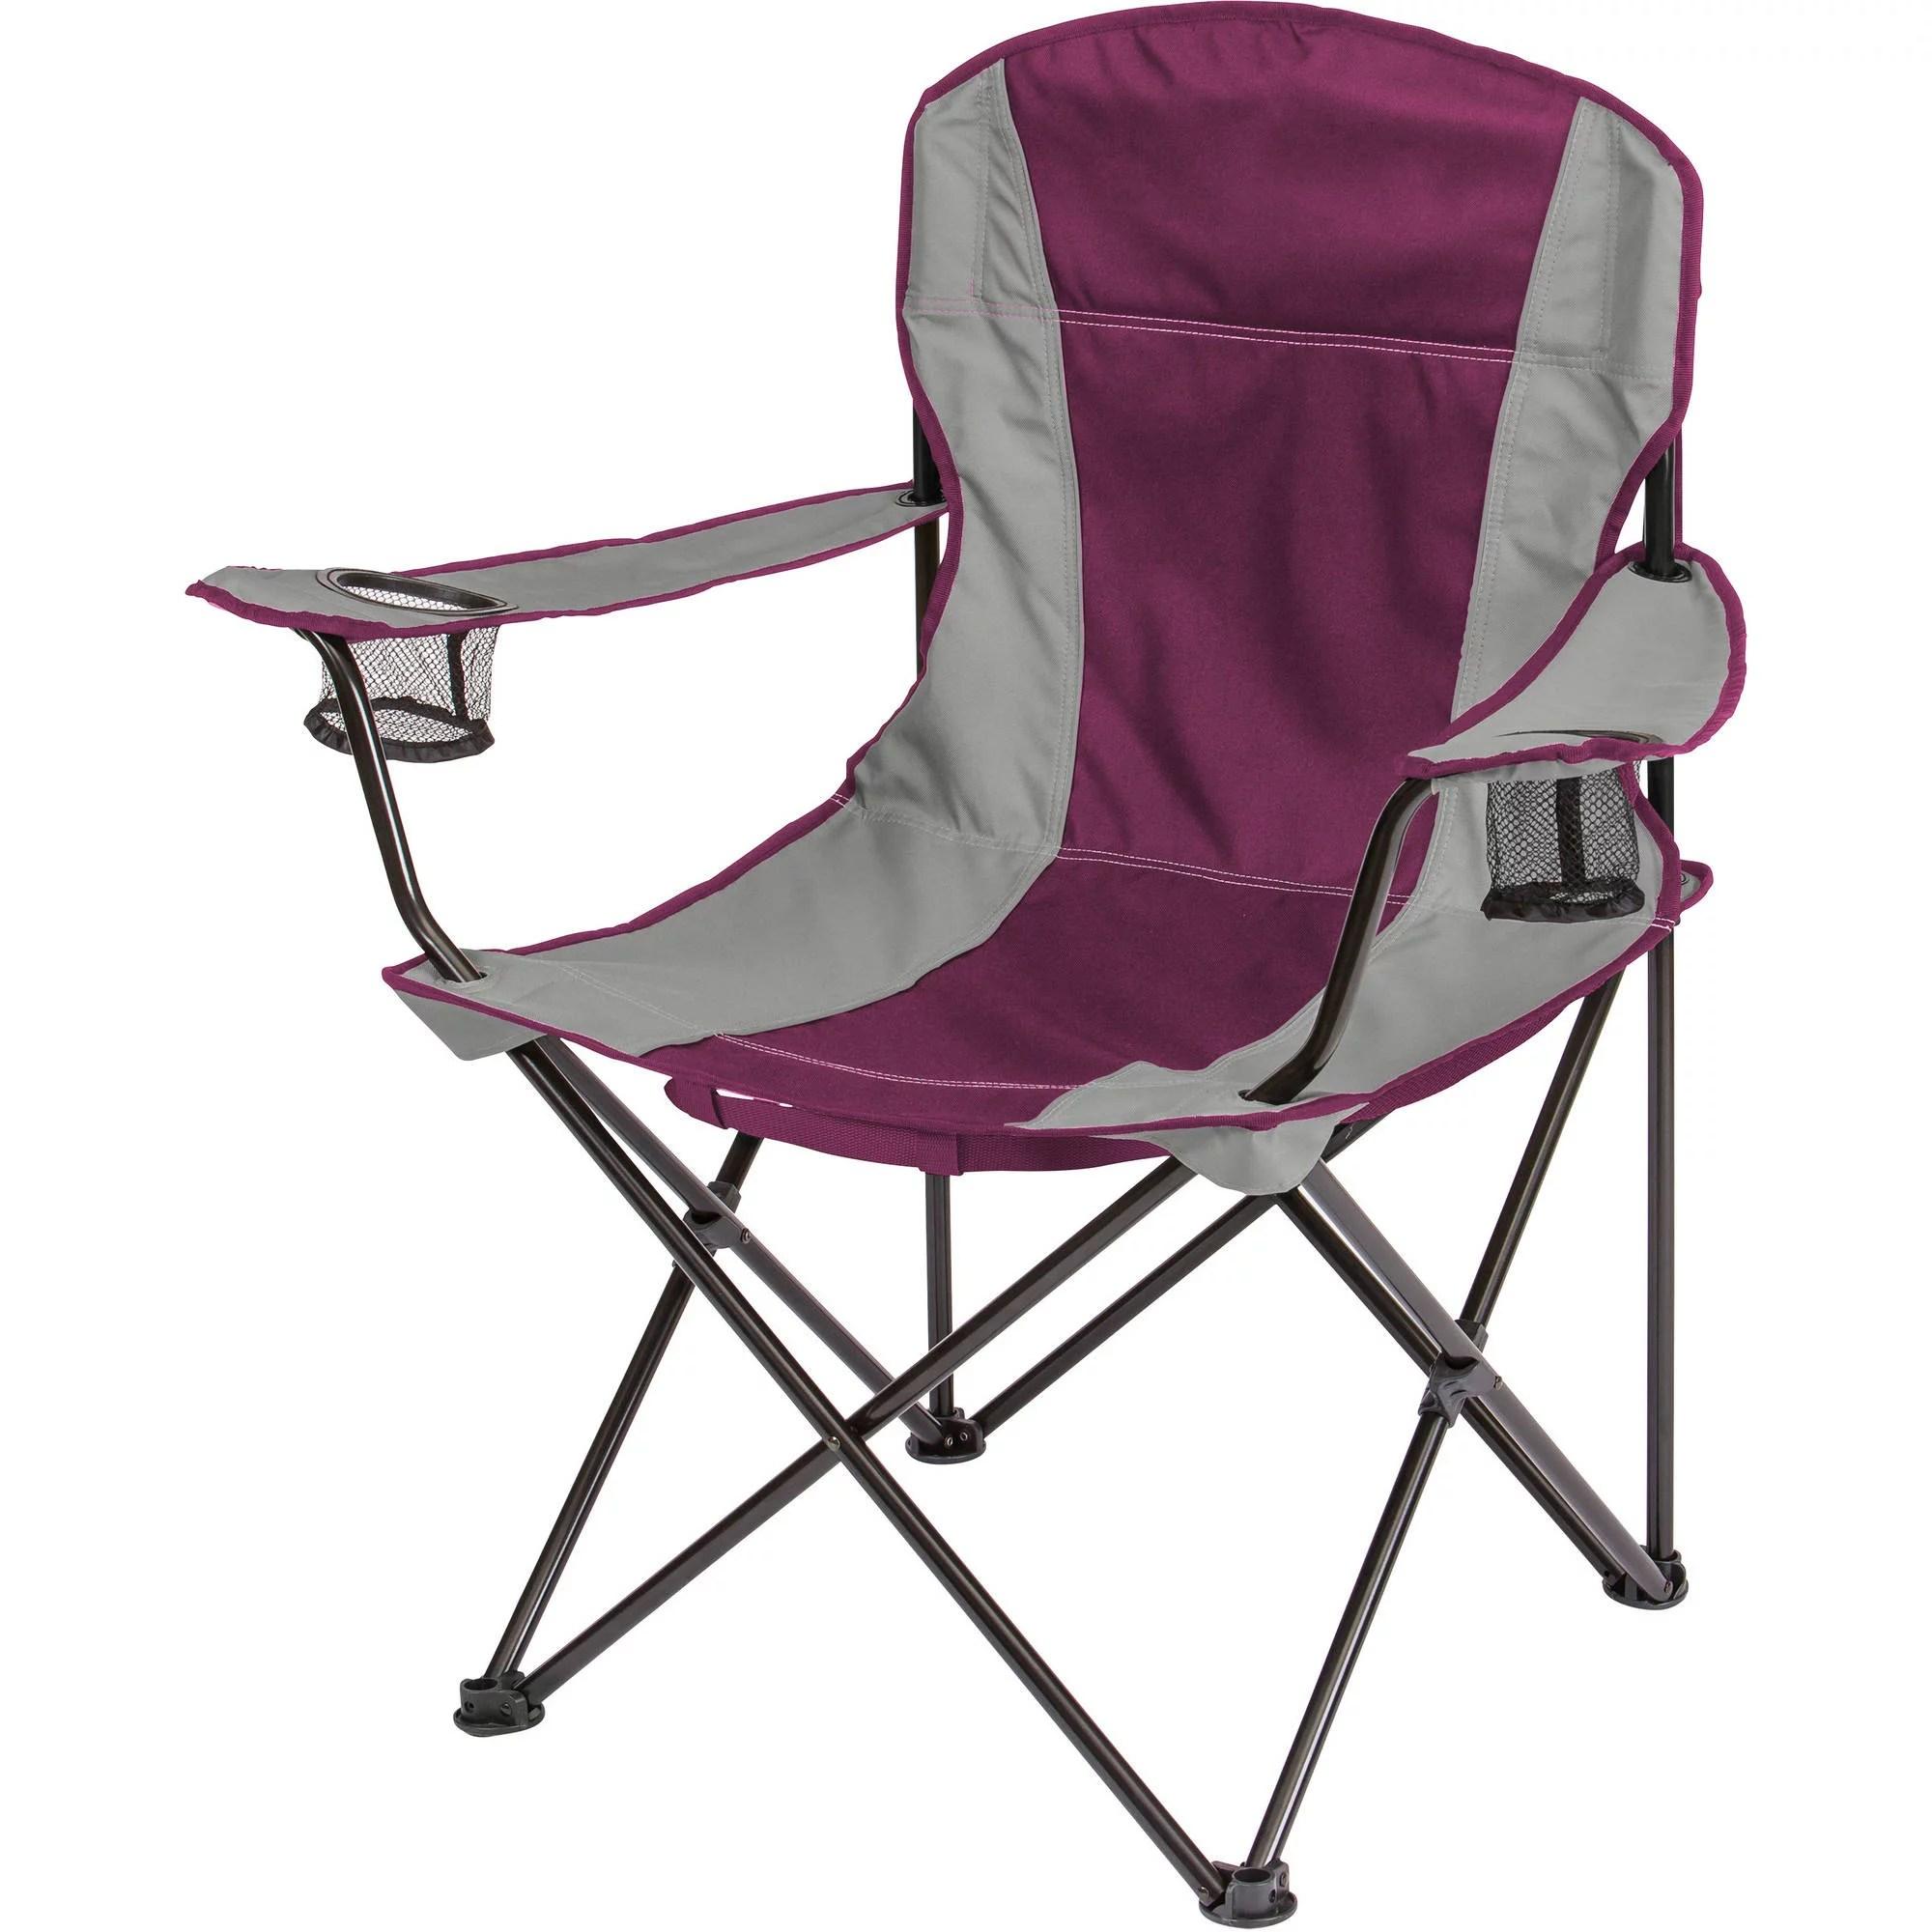 Ozark Trail Oversized Quad Chair  Walmartcom